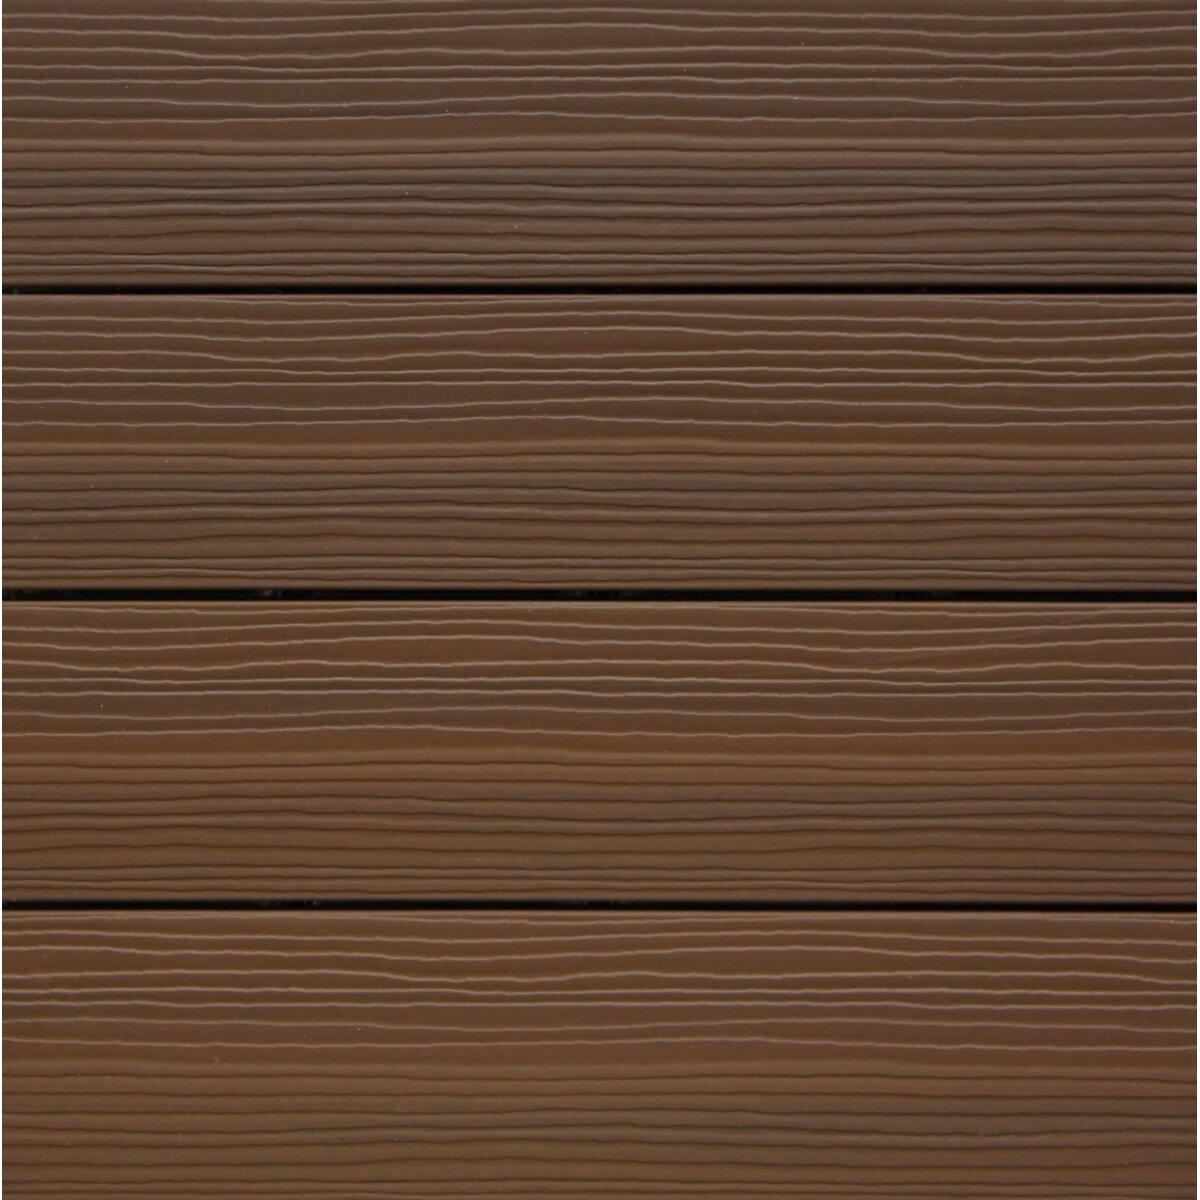 Newtechwood ultrashield brazilian ipe wood 12 x 12 for 12 x 12 wood floor tiles